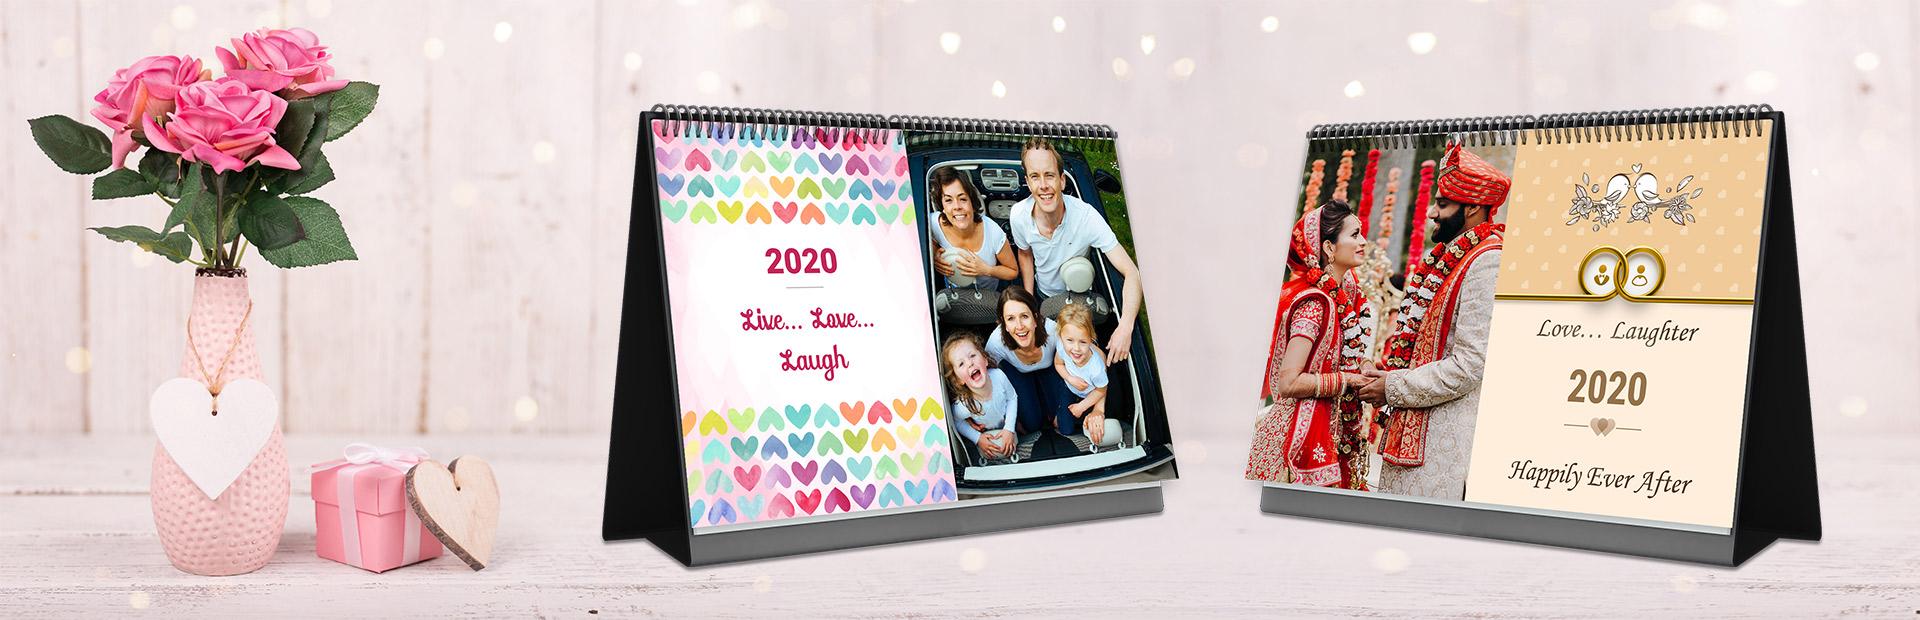 Love Desk Calendars Online